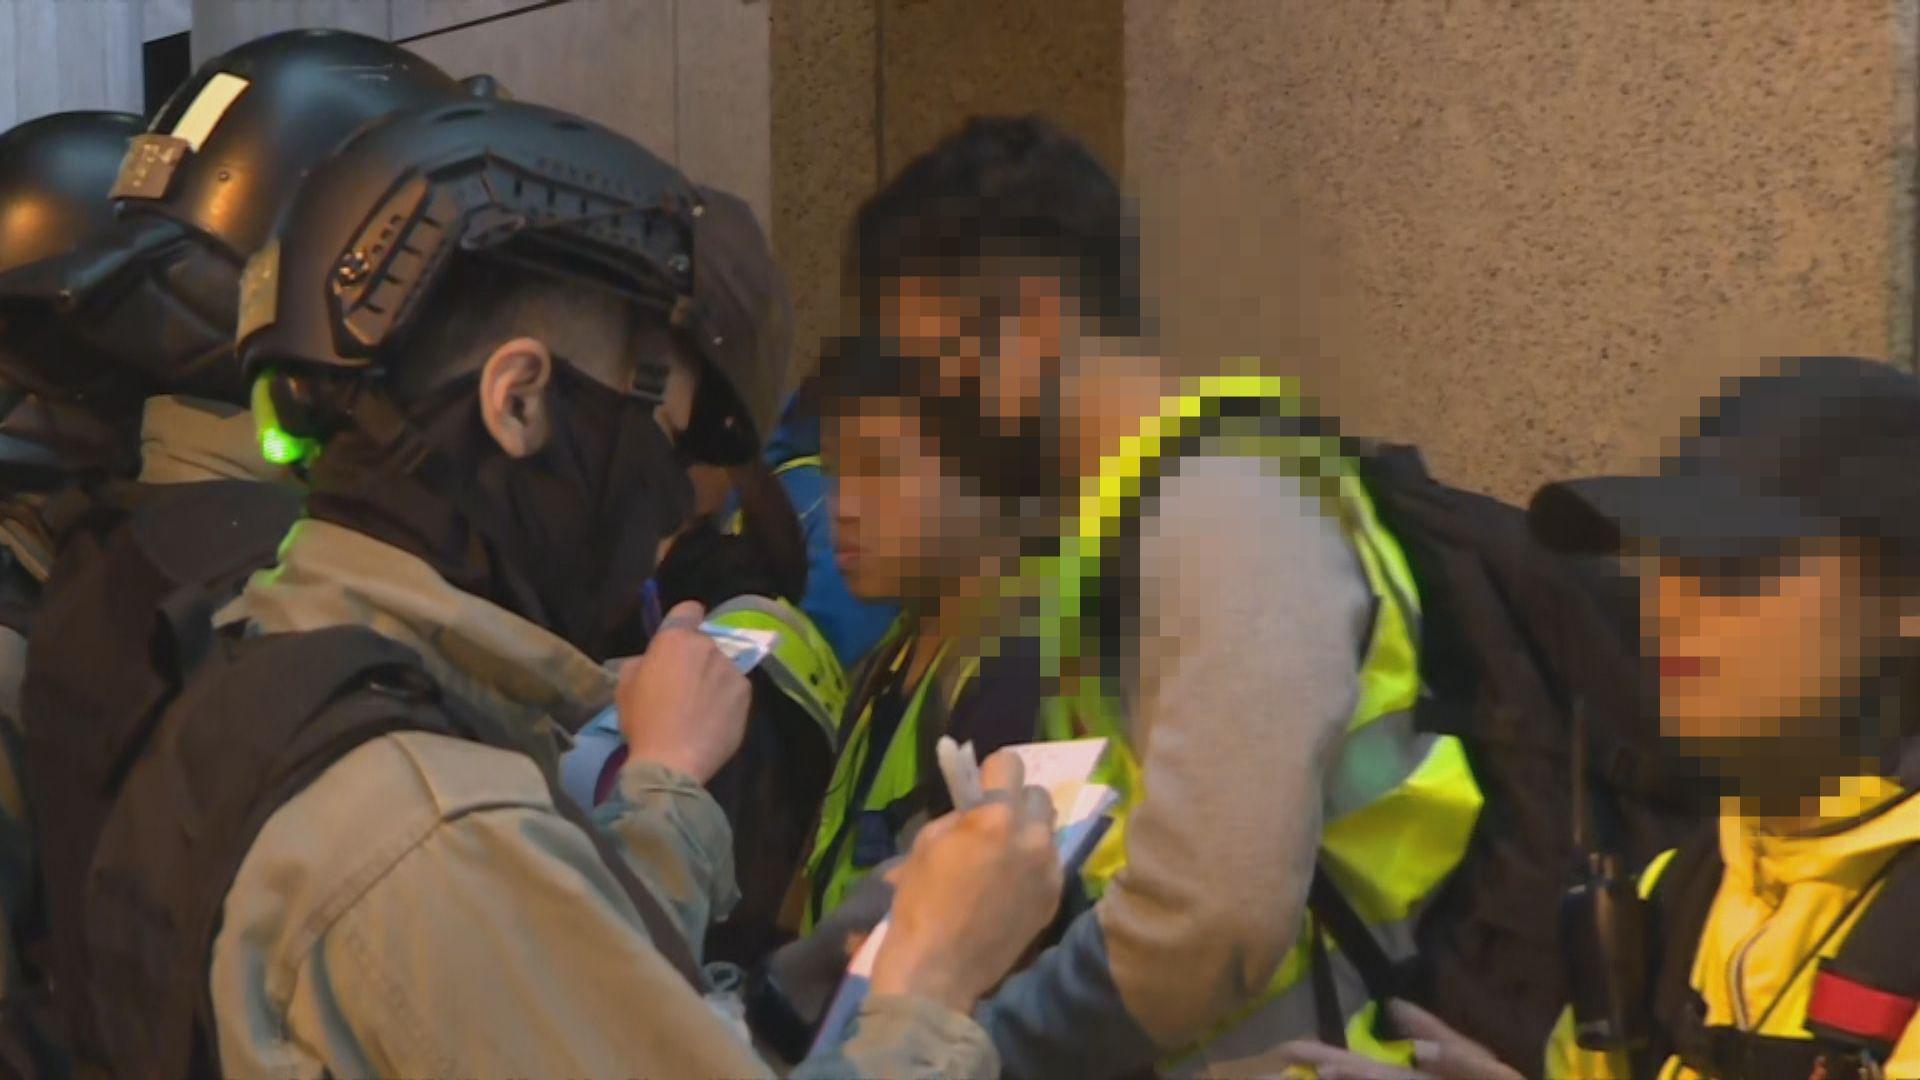 防暴警畢打街拘捕十多人 多名記者遭截查